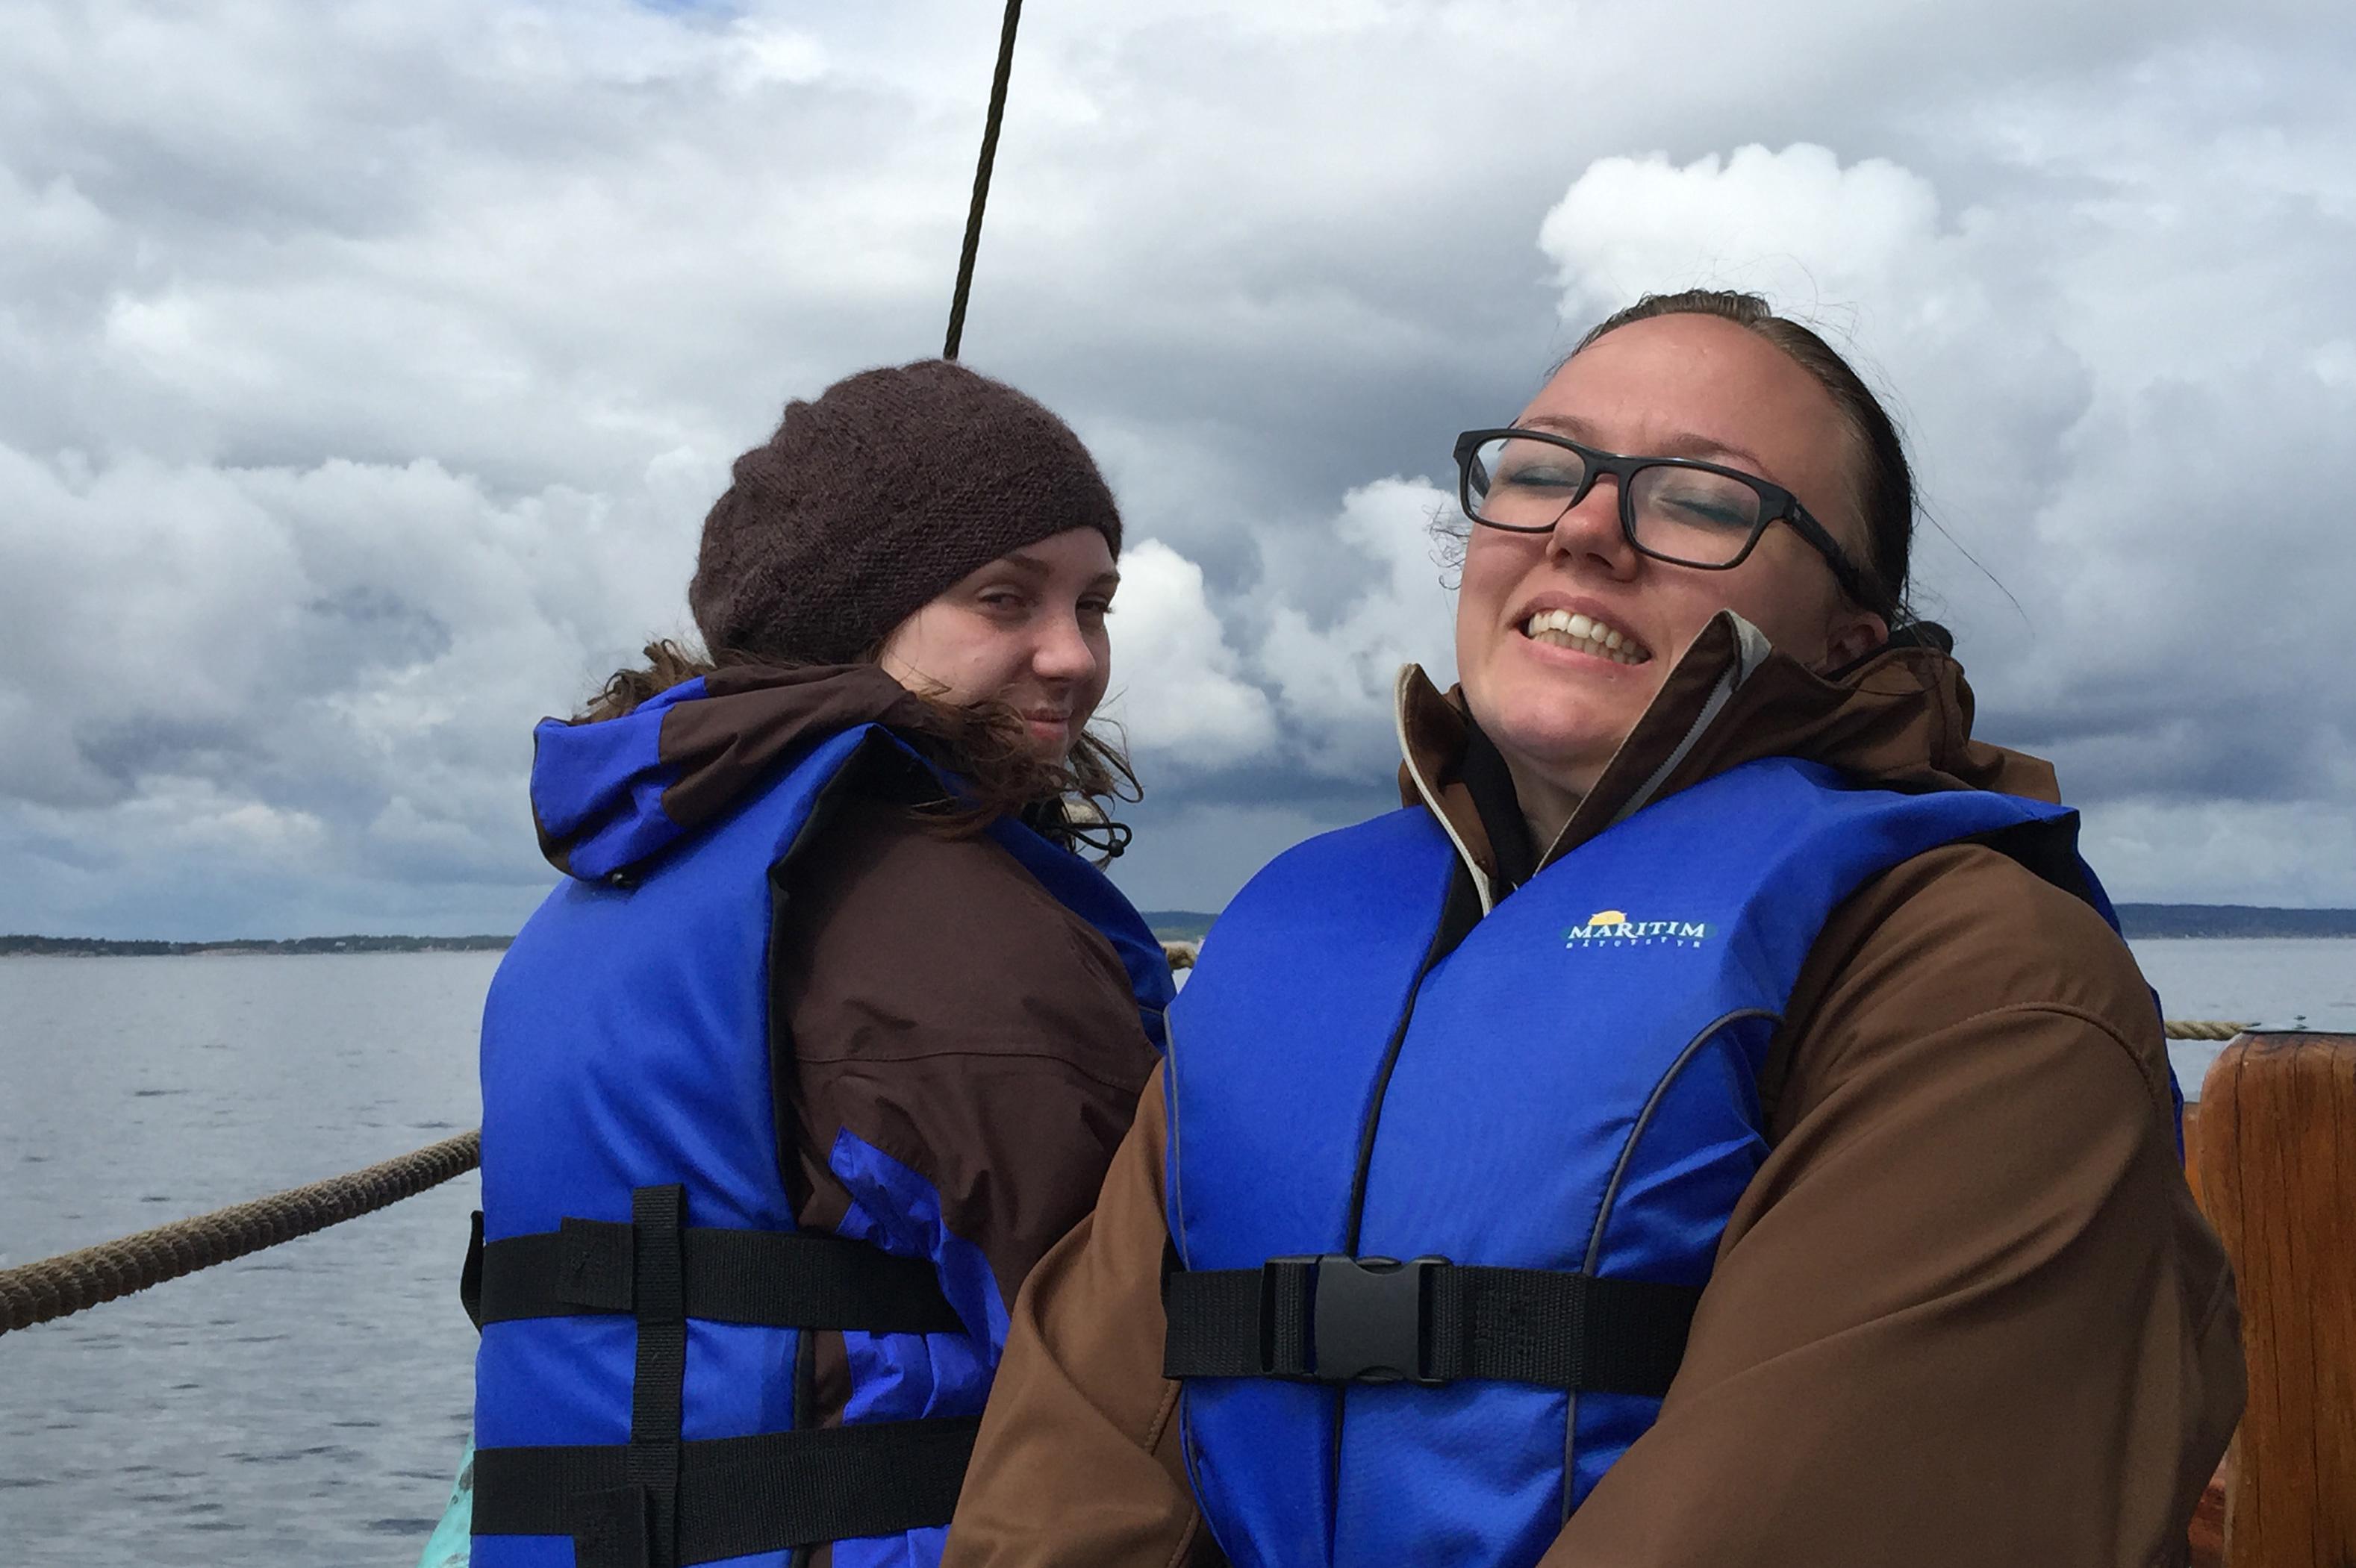 Marthe og May-Liss nyter en tur på sjøen, mens bunadtilvirkerfaget og taksidermistfagets utfordringer får hvile for en dag. Kanskje et fremtidig samarbeid?